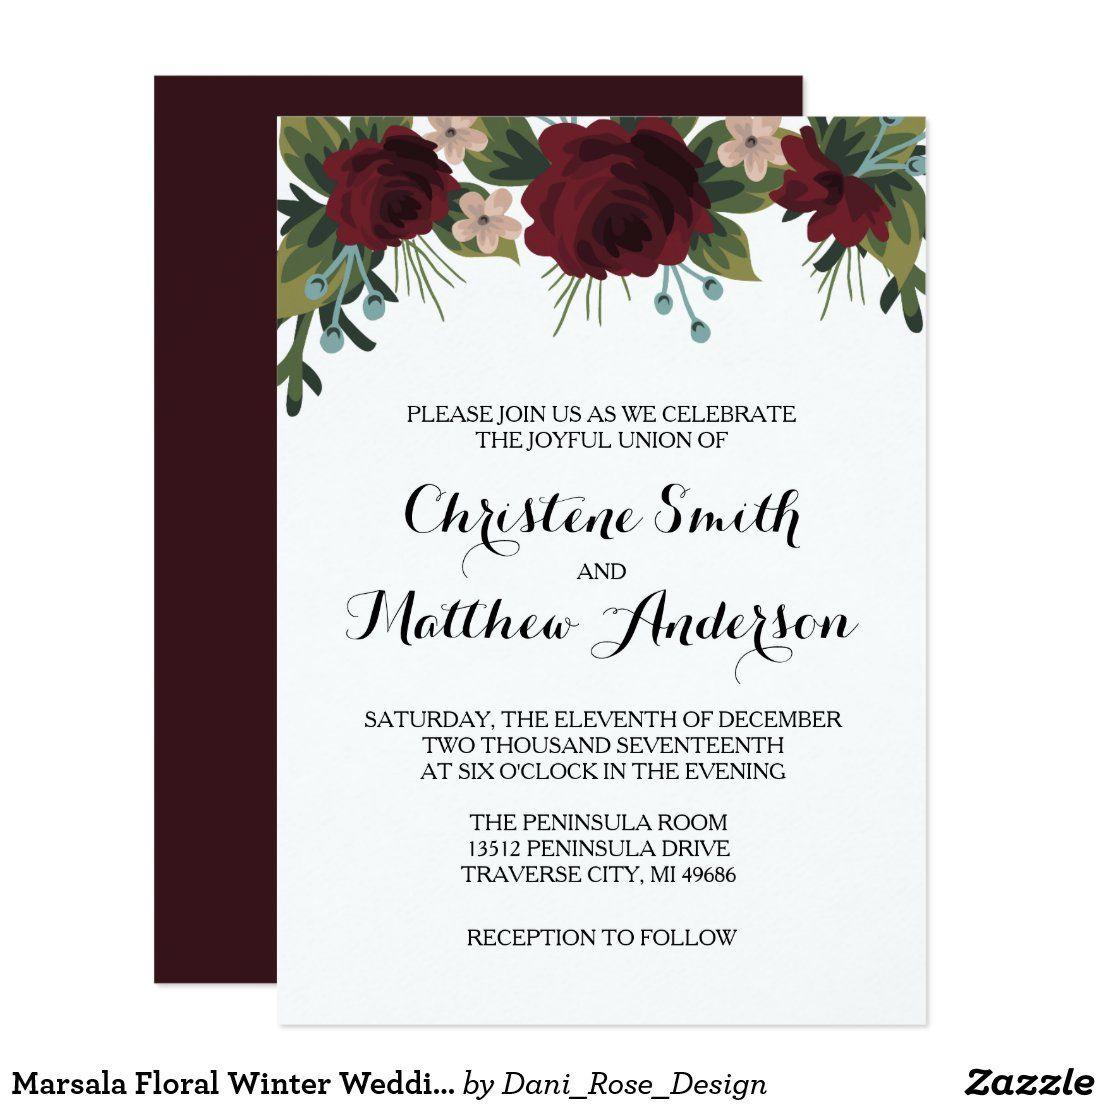 Christmas wedding invitations ireland